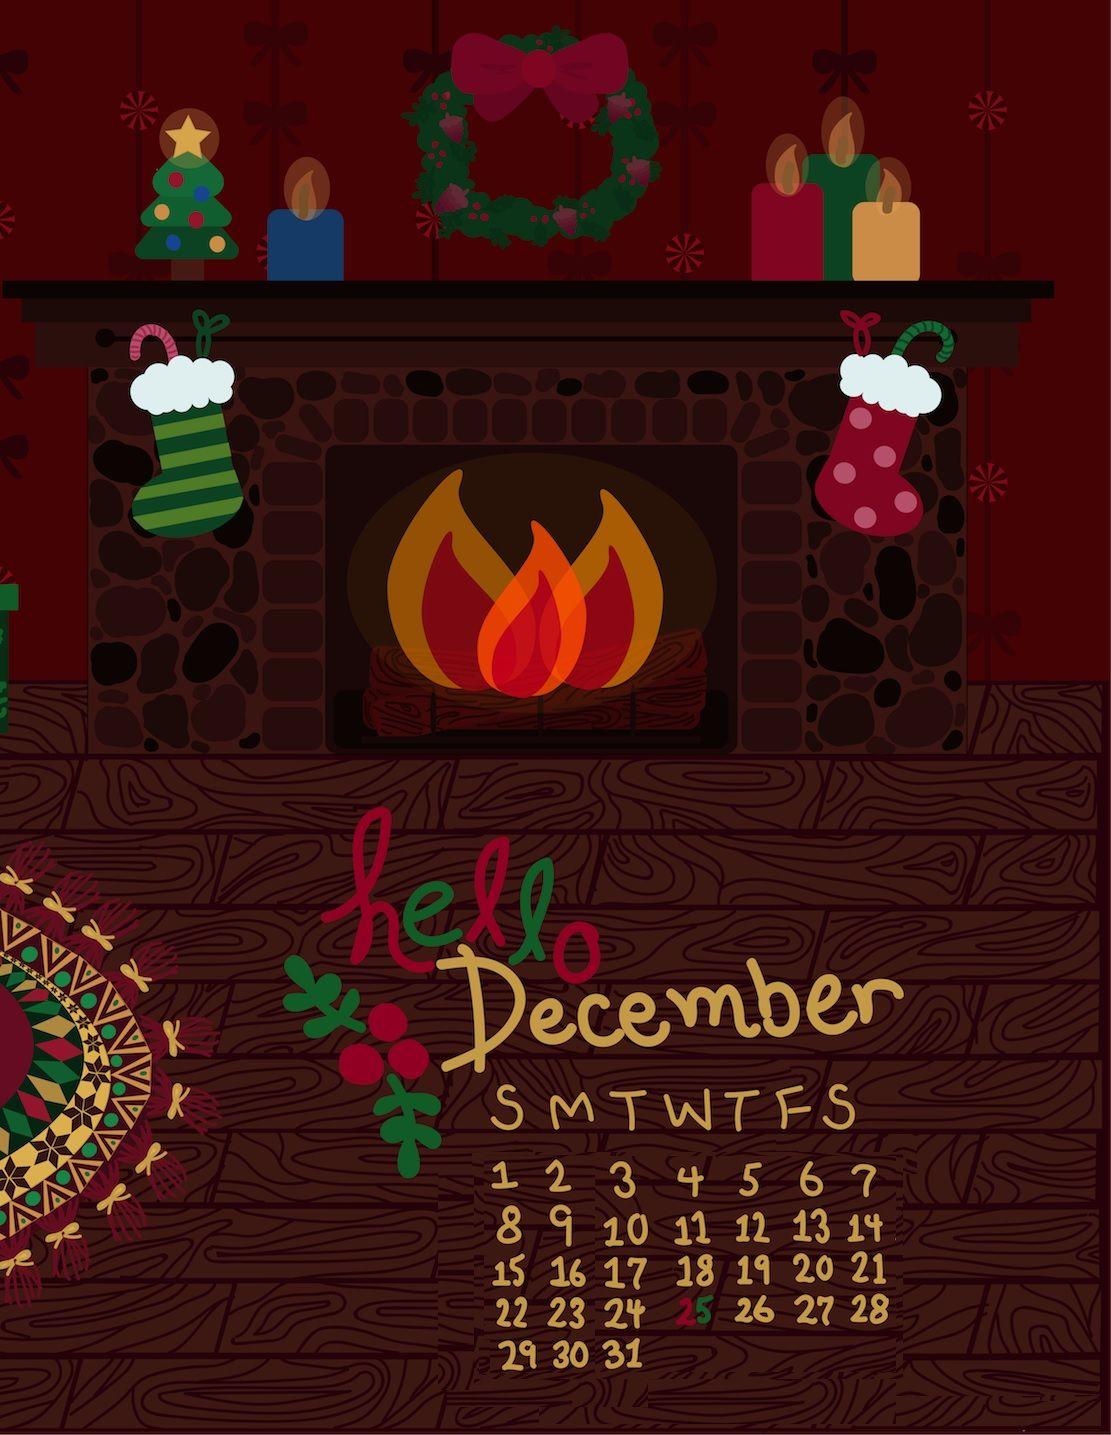 iPhone December 2019 Wallpaper Calendar Calendar